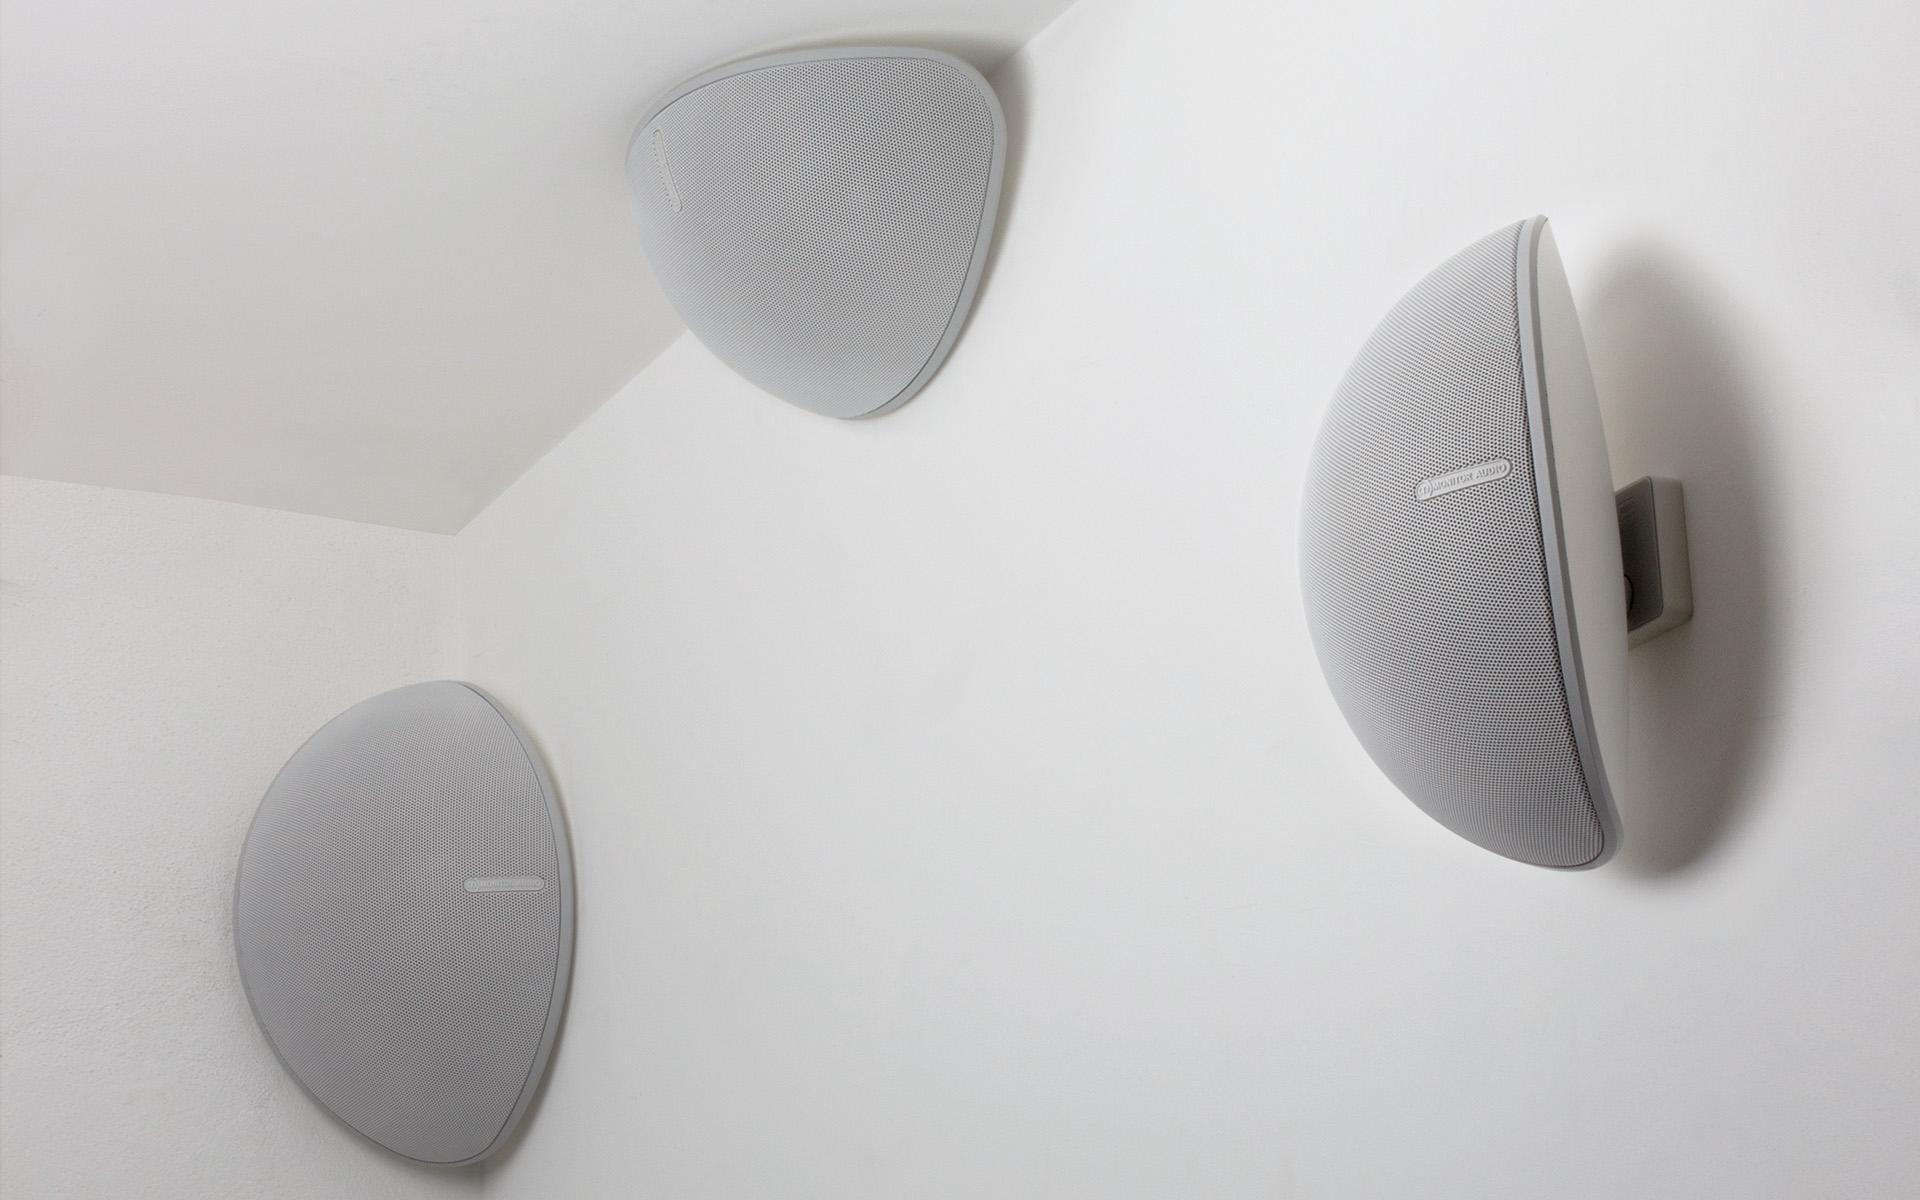 Форма корпуса позволяет легко установить колонку в угол либо в стык стены и потолка